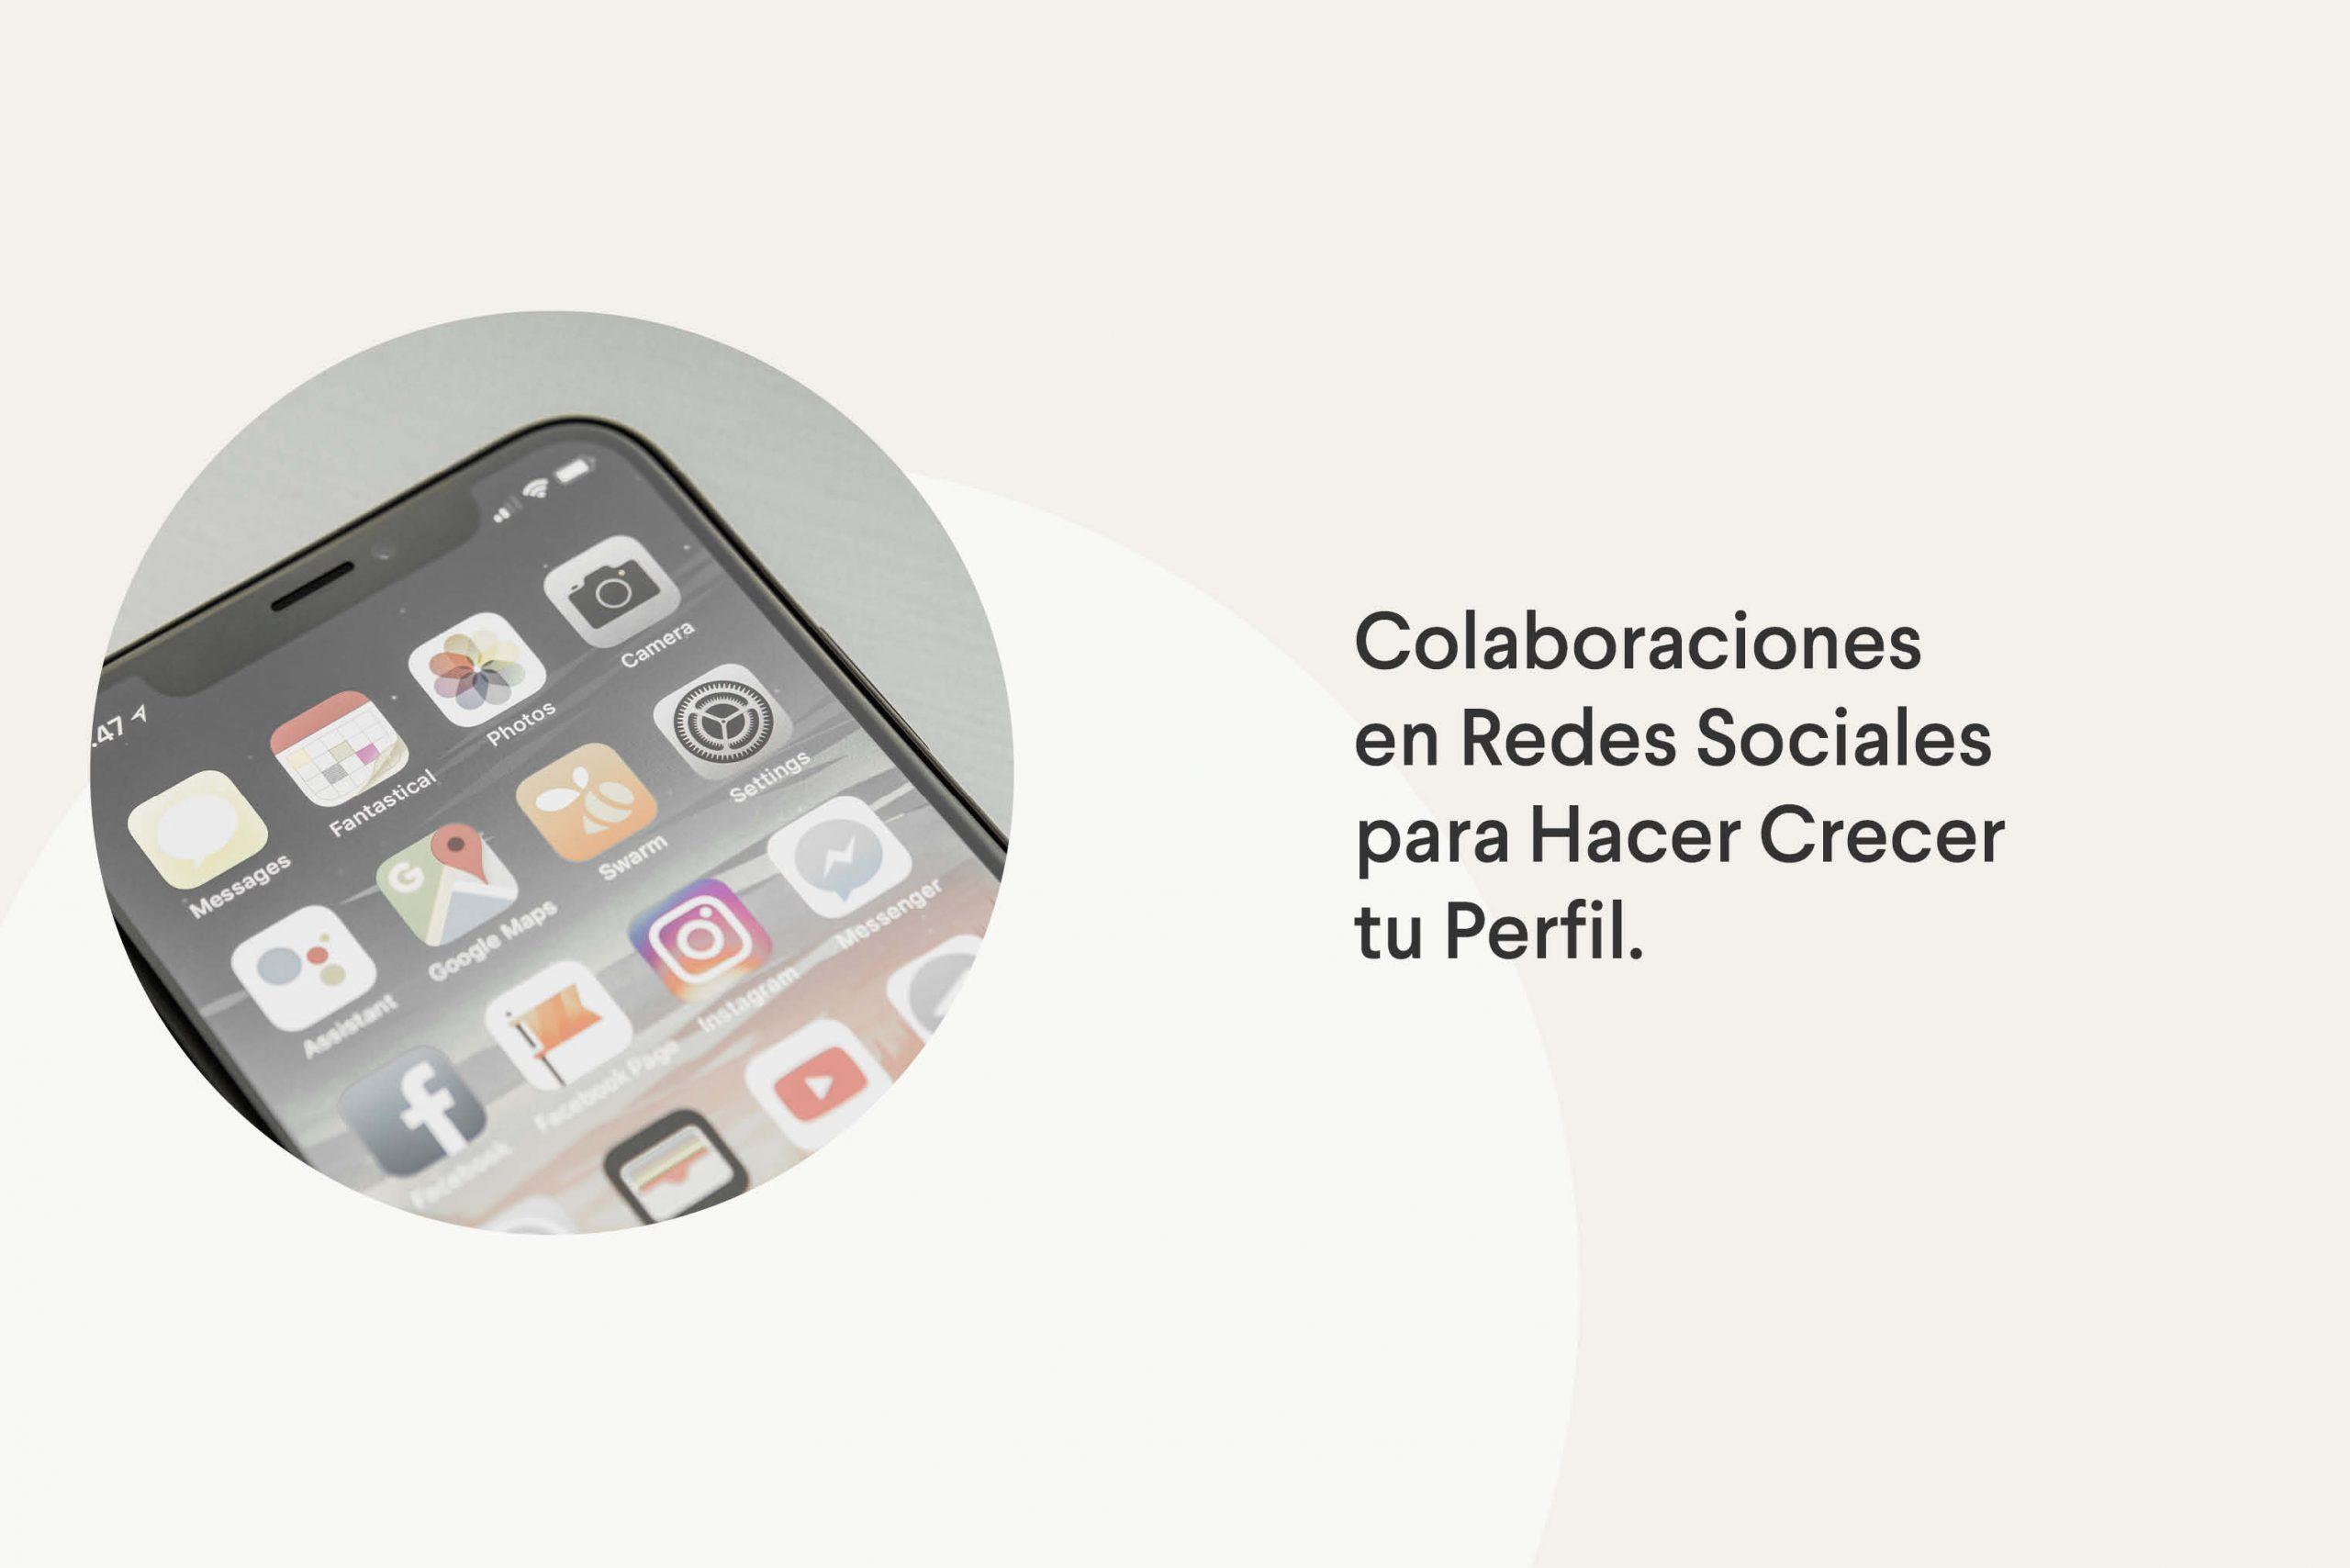 Cómo hacer crecer tu perfil en redes sociales con colaboraciones